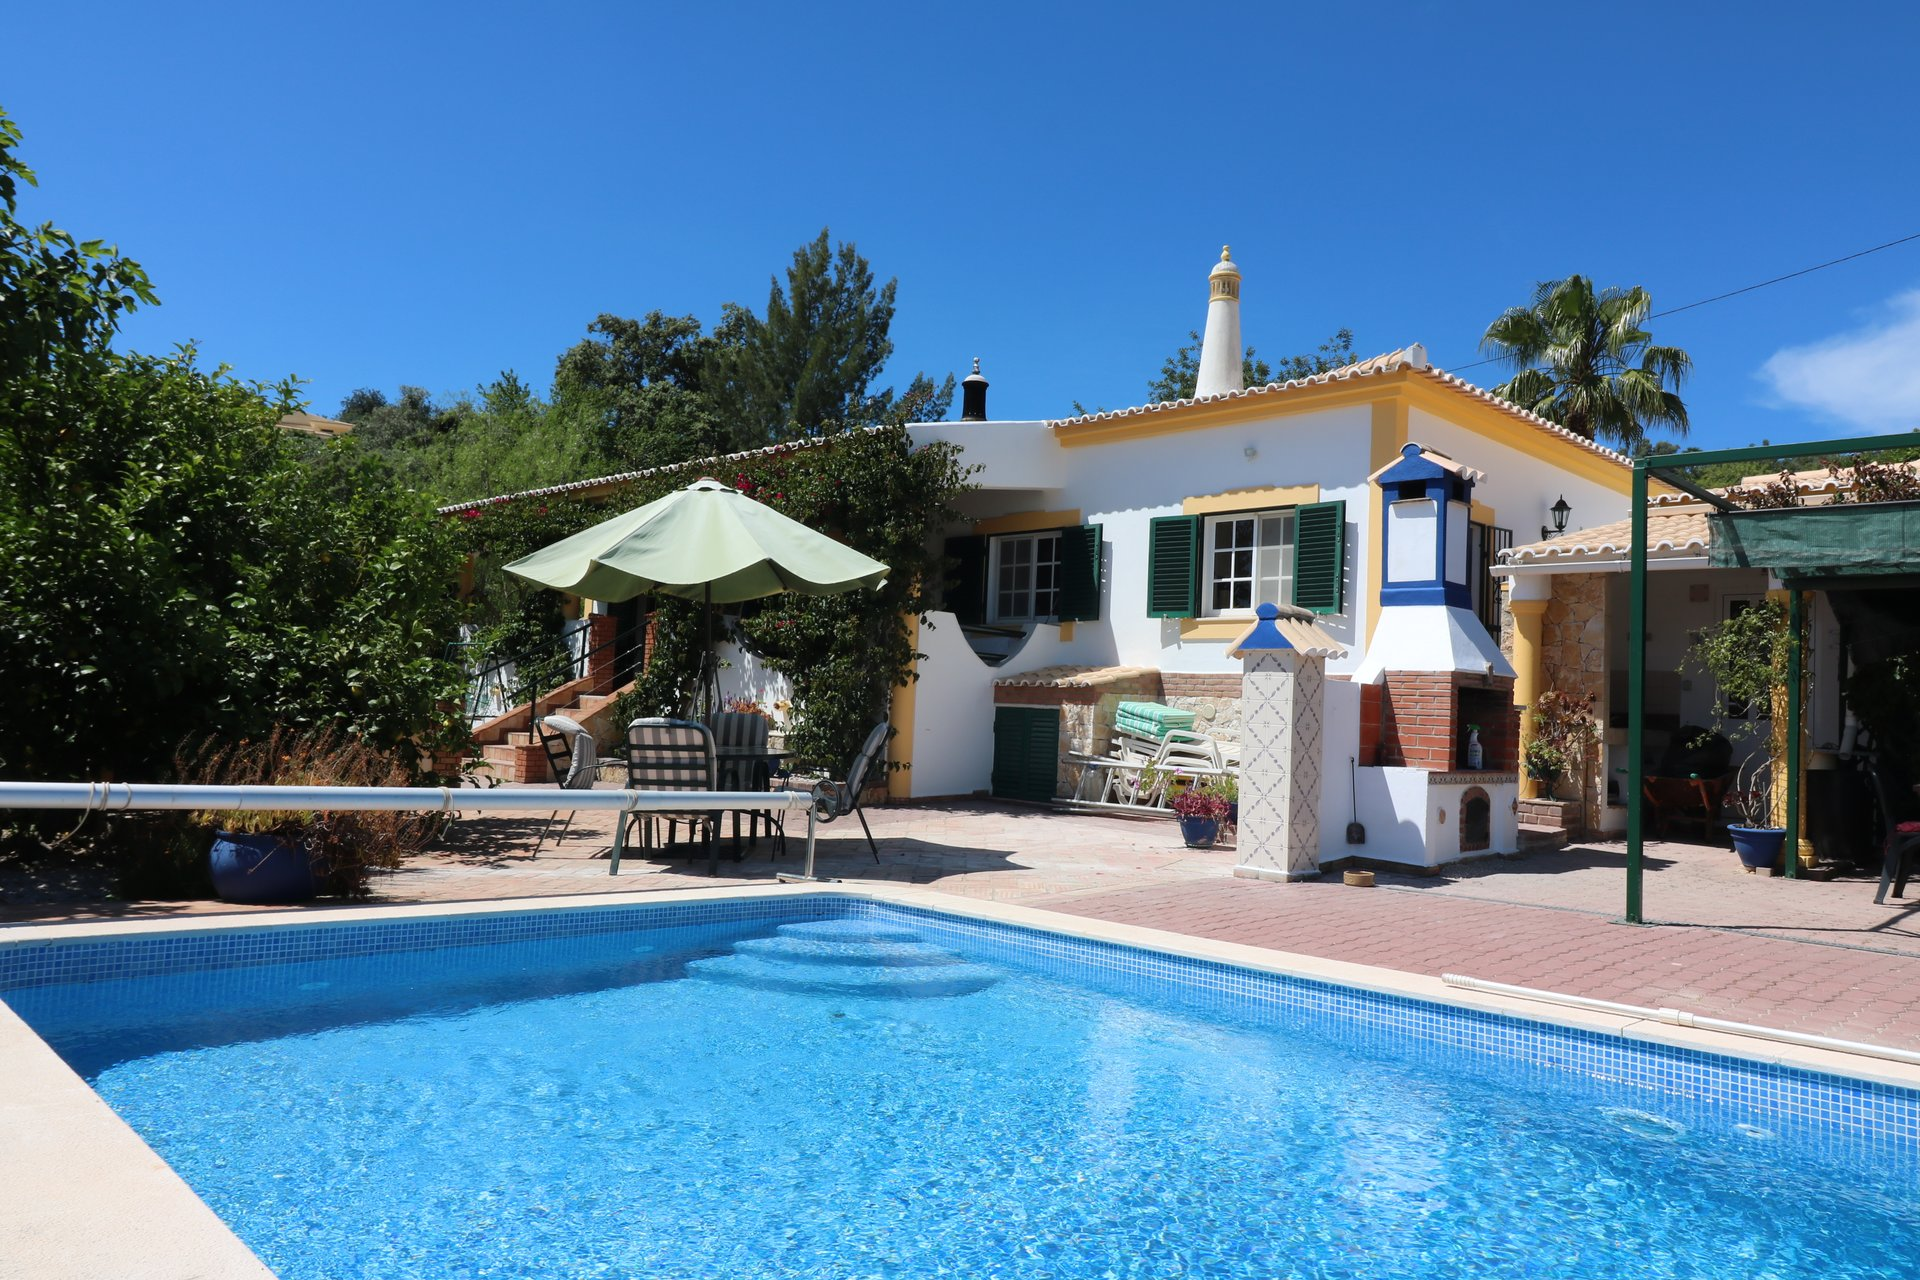 3 Bedroom Villa Sao Bras de Alportel, Central Algarve Ref: JV10353